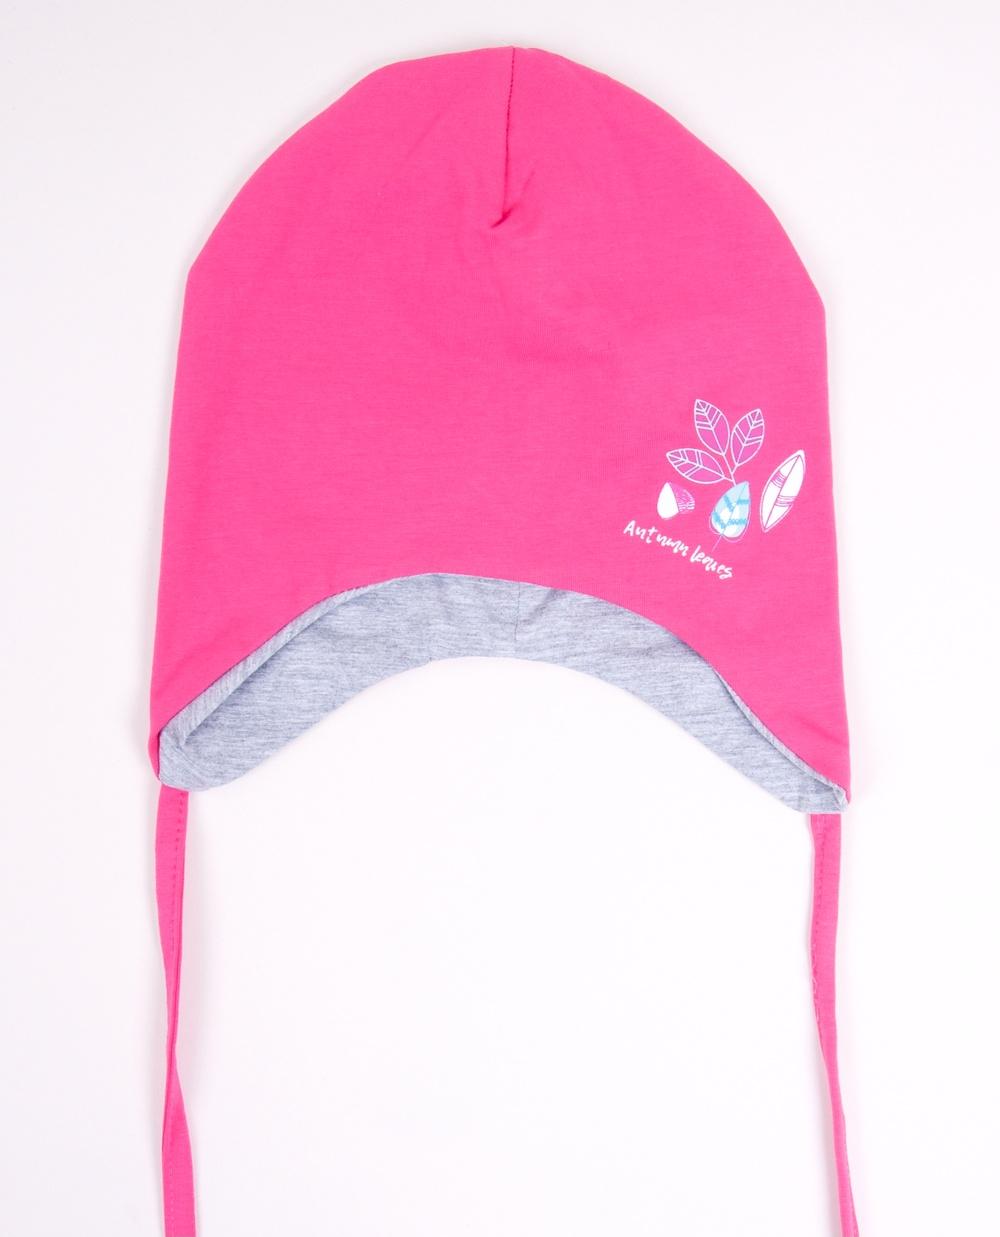 YO kojenecká čepička podzimní/jarní s lístečky- dívčí vel. 42-44 barva: růžová